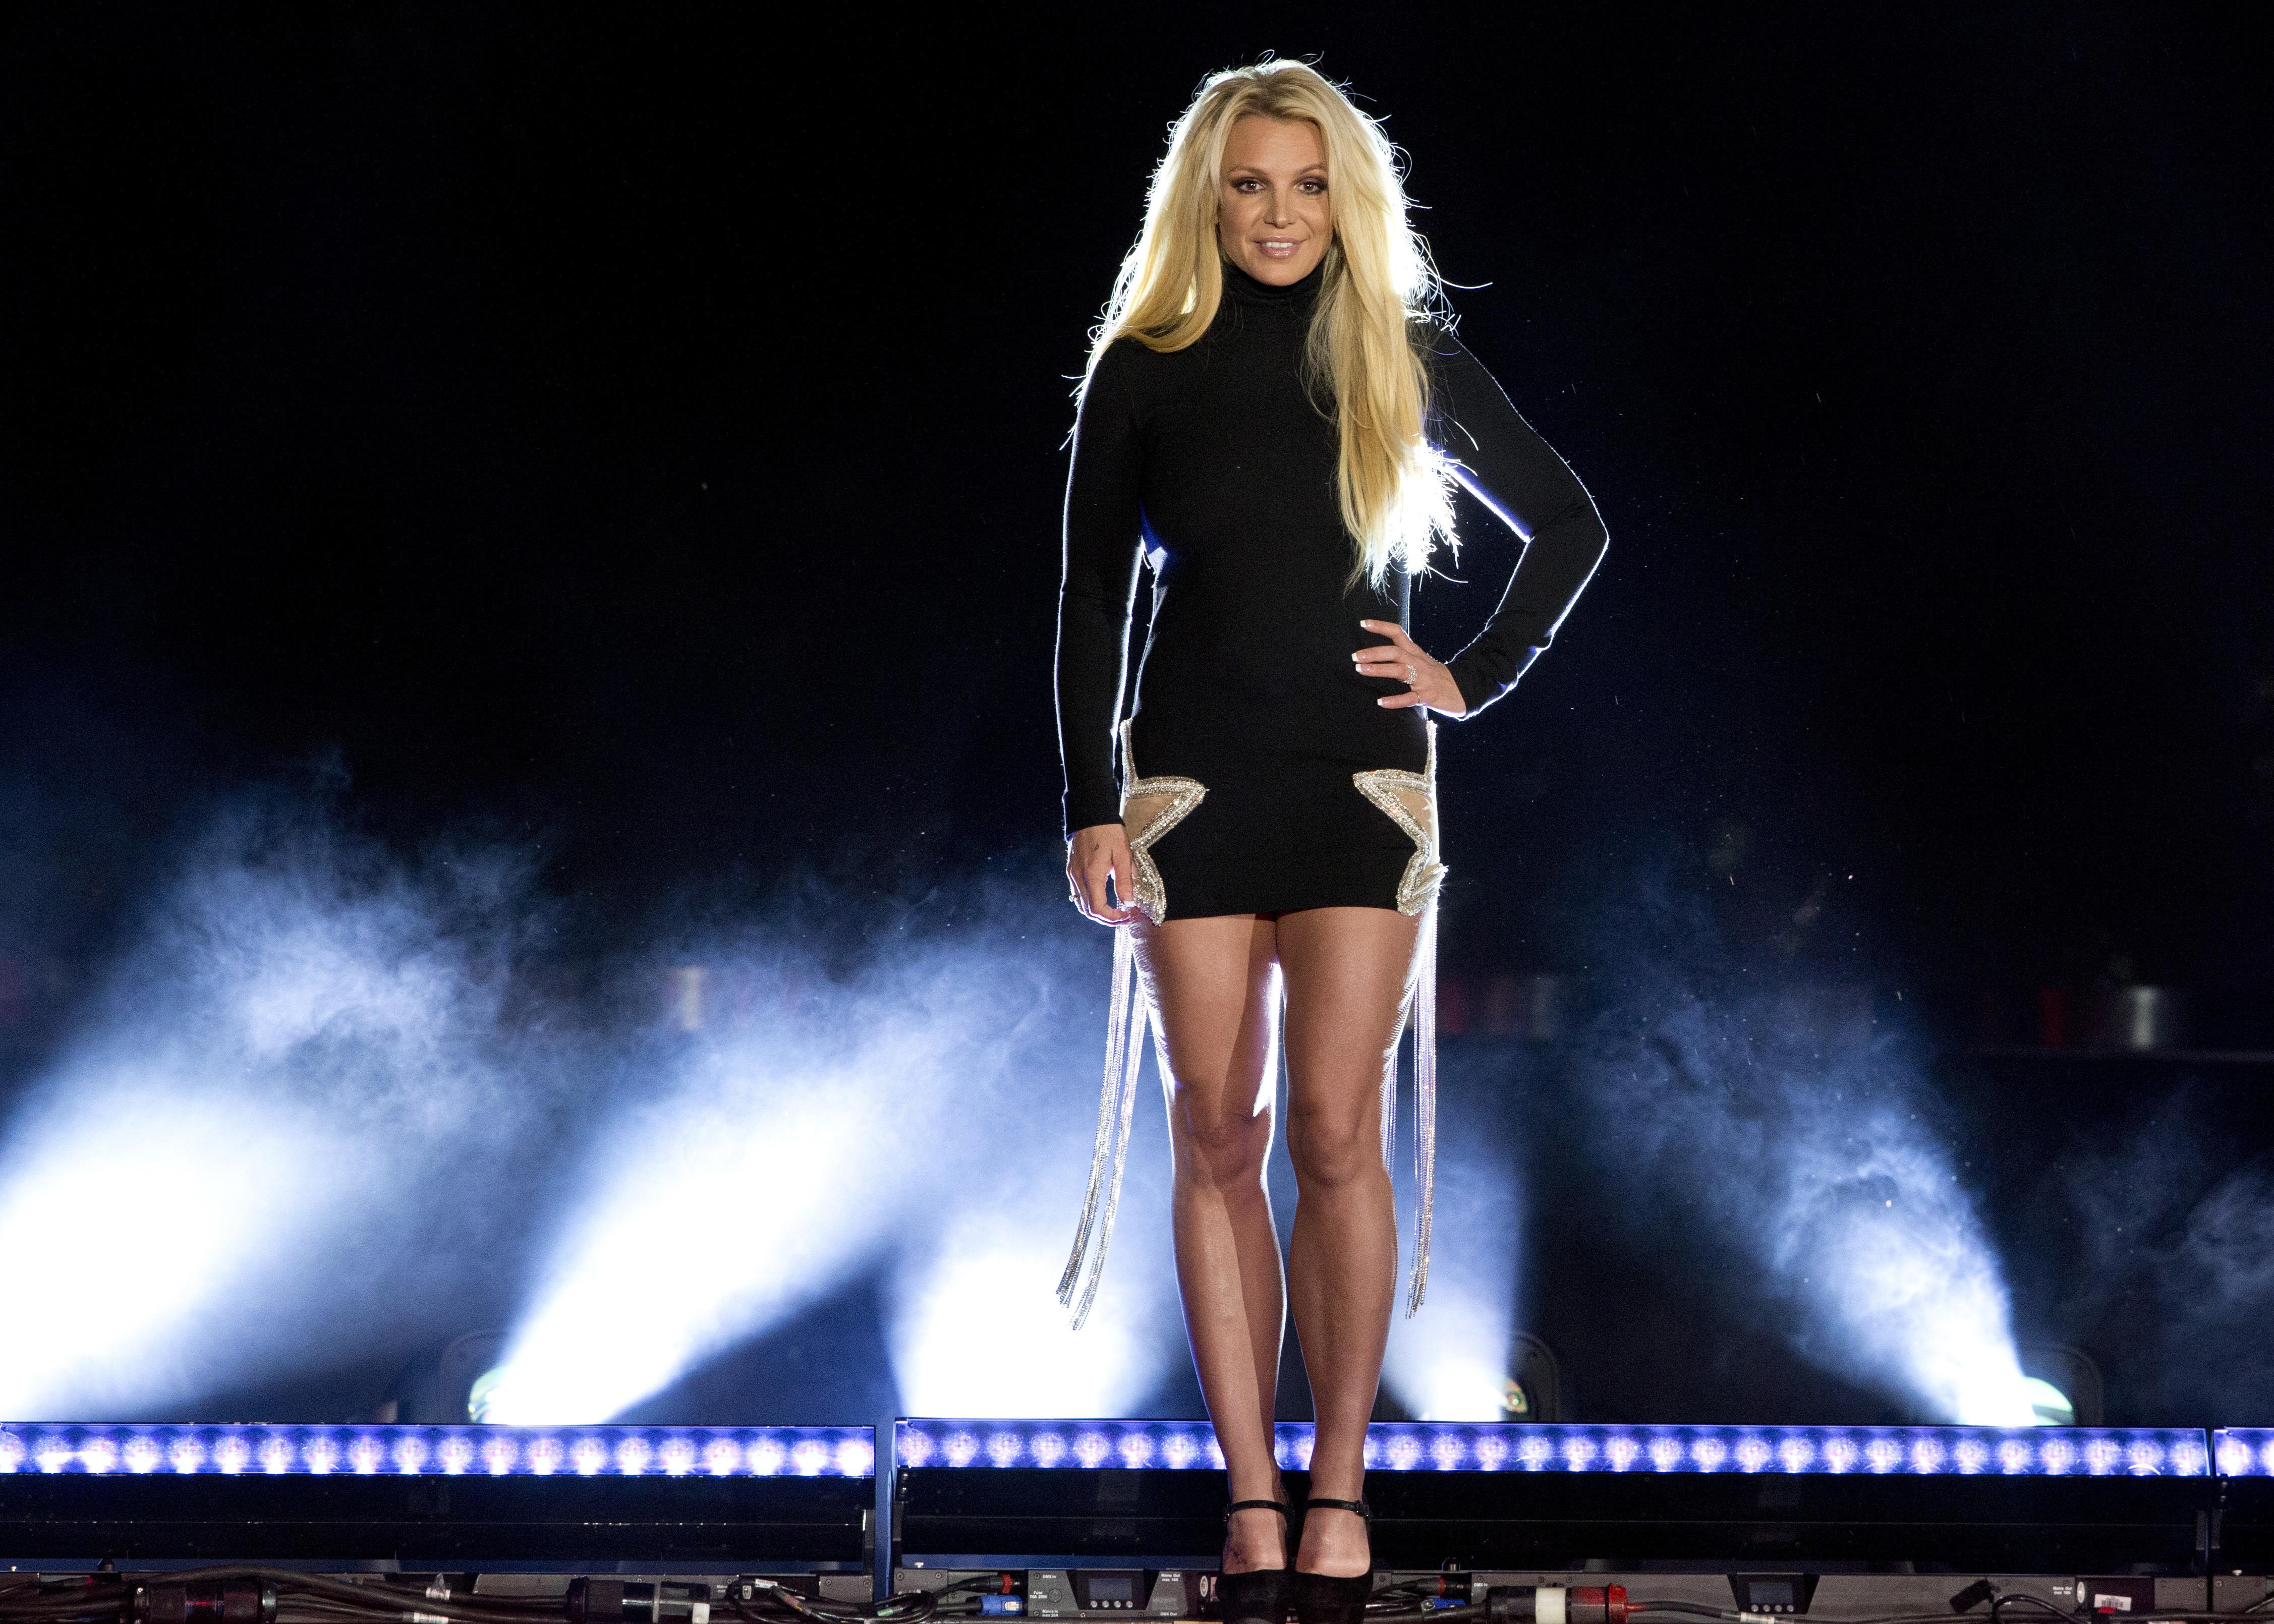 Режиссеры фильма «Обрамление Бритни Спирс» говорят, что материала для продолжения более чем достаточно